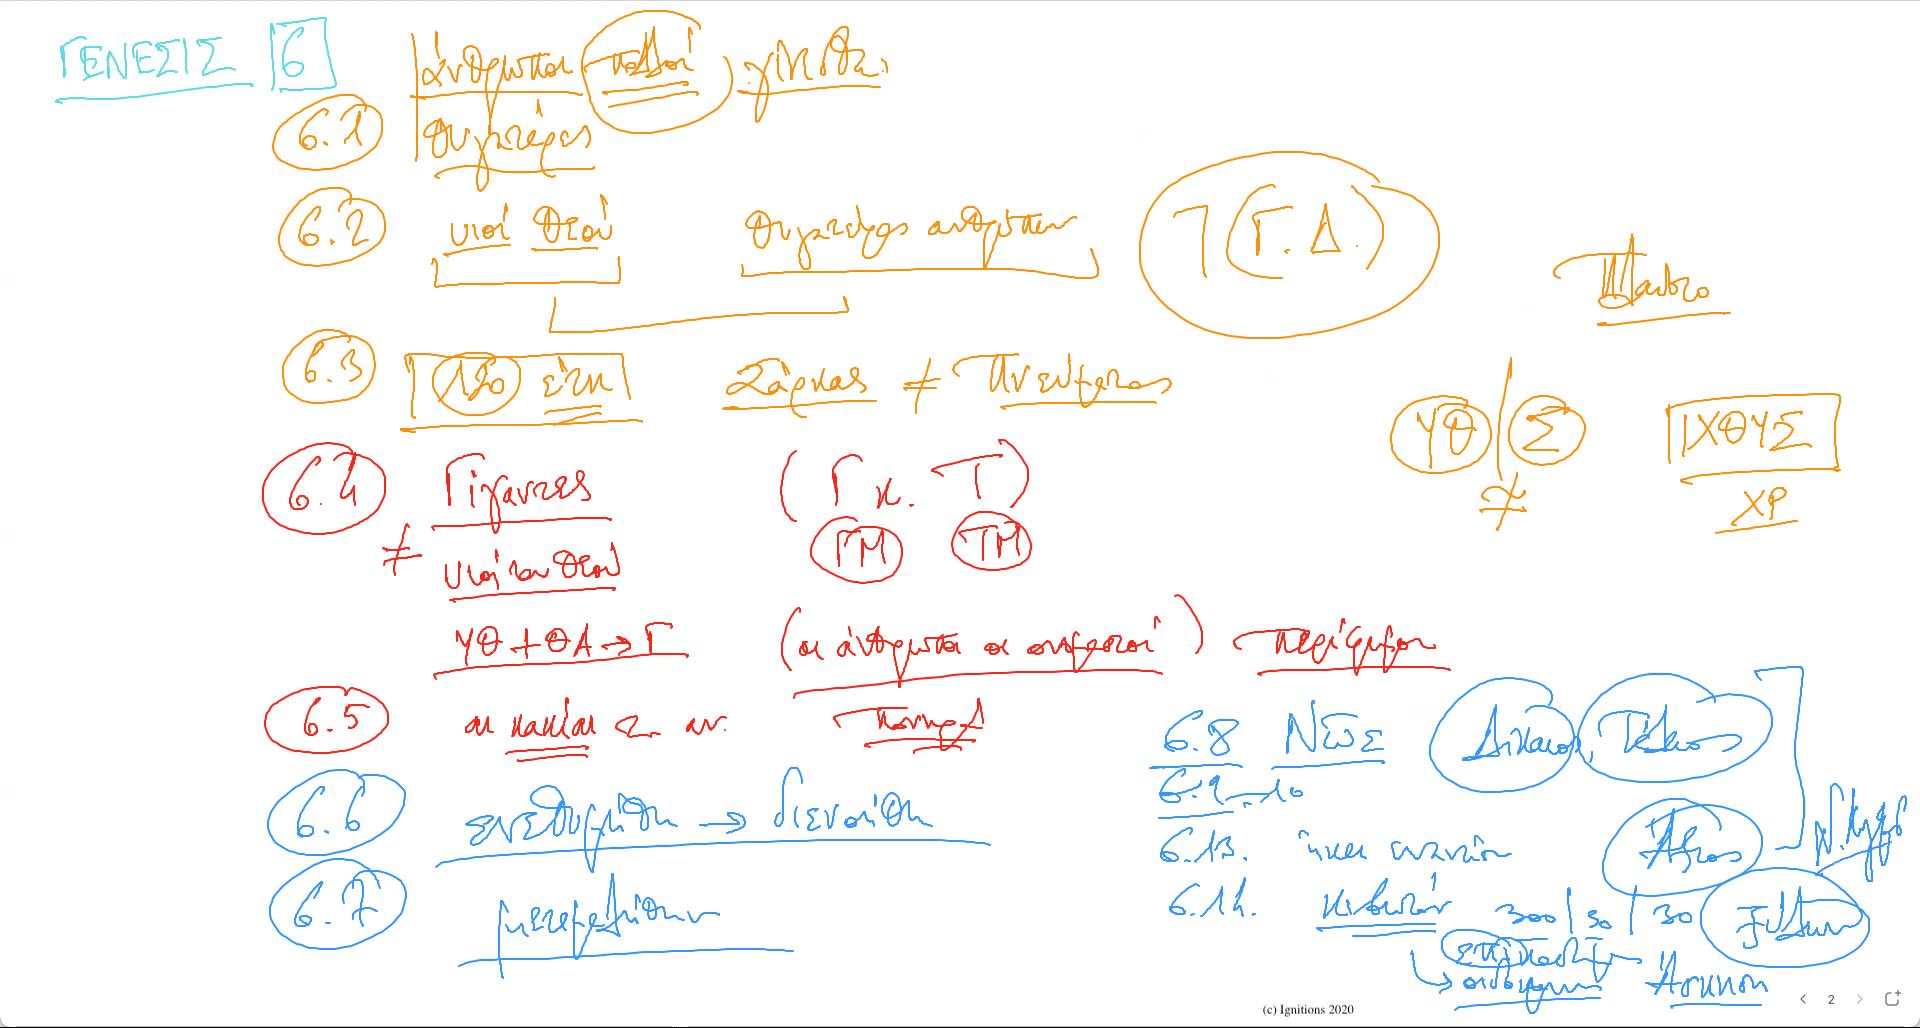 57470 - e-Μάθημα II: Γένεσις ΧΙΙΙ – 6. (Dessin).